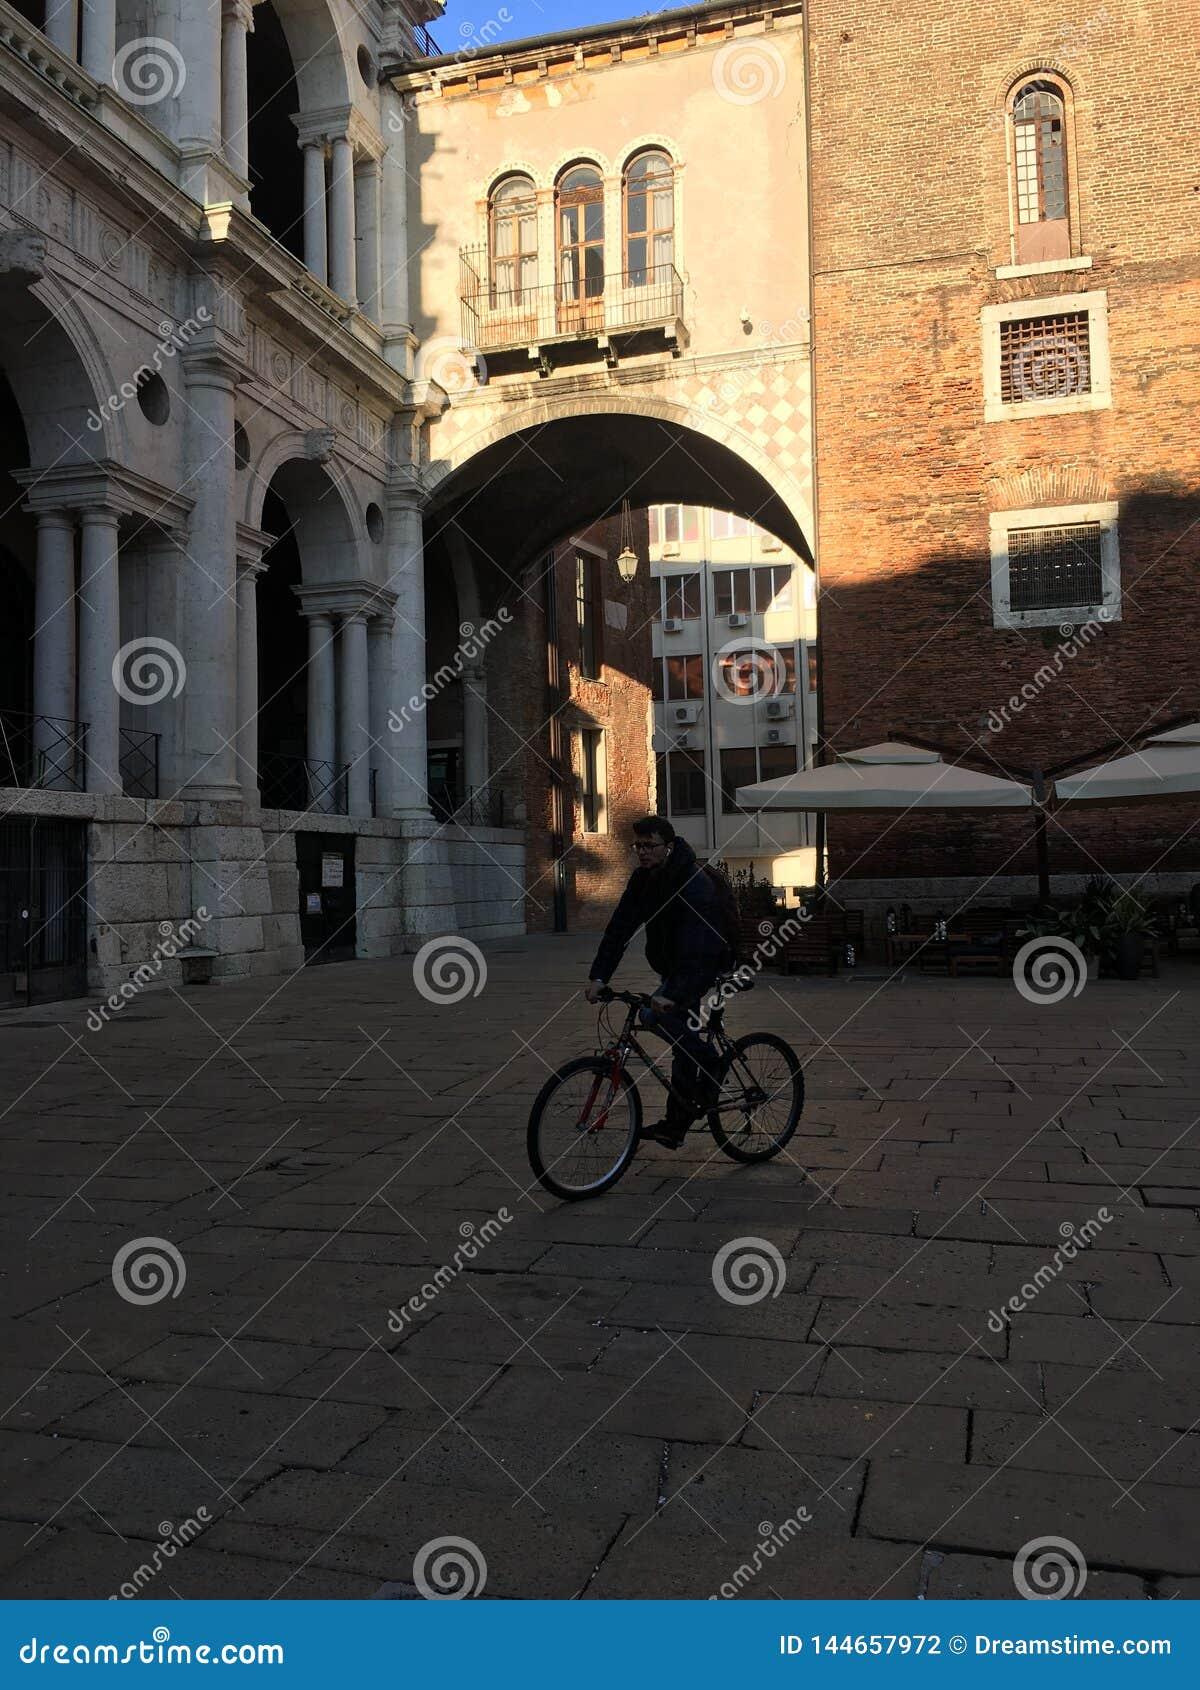 Rowerowy m??czyzna pod mostem w Rzym